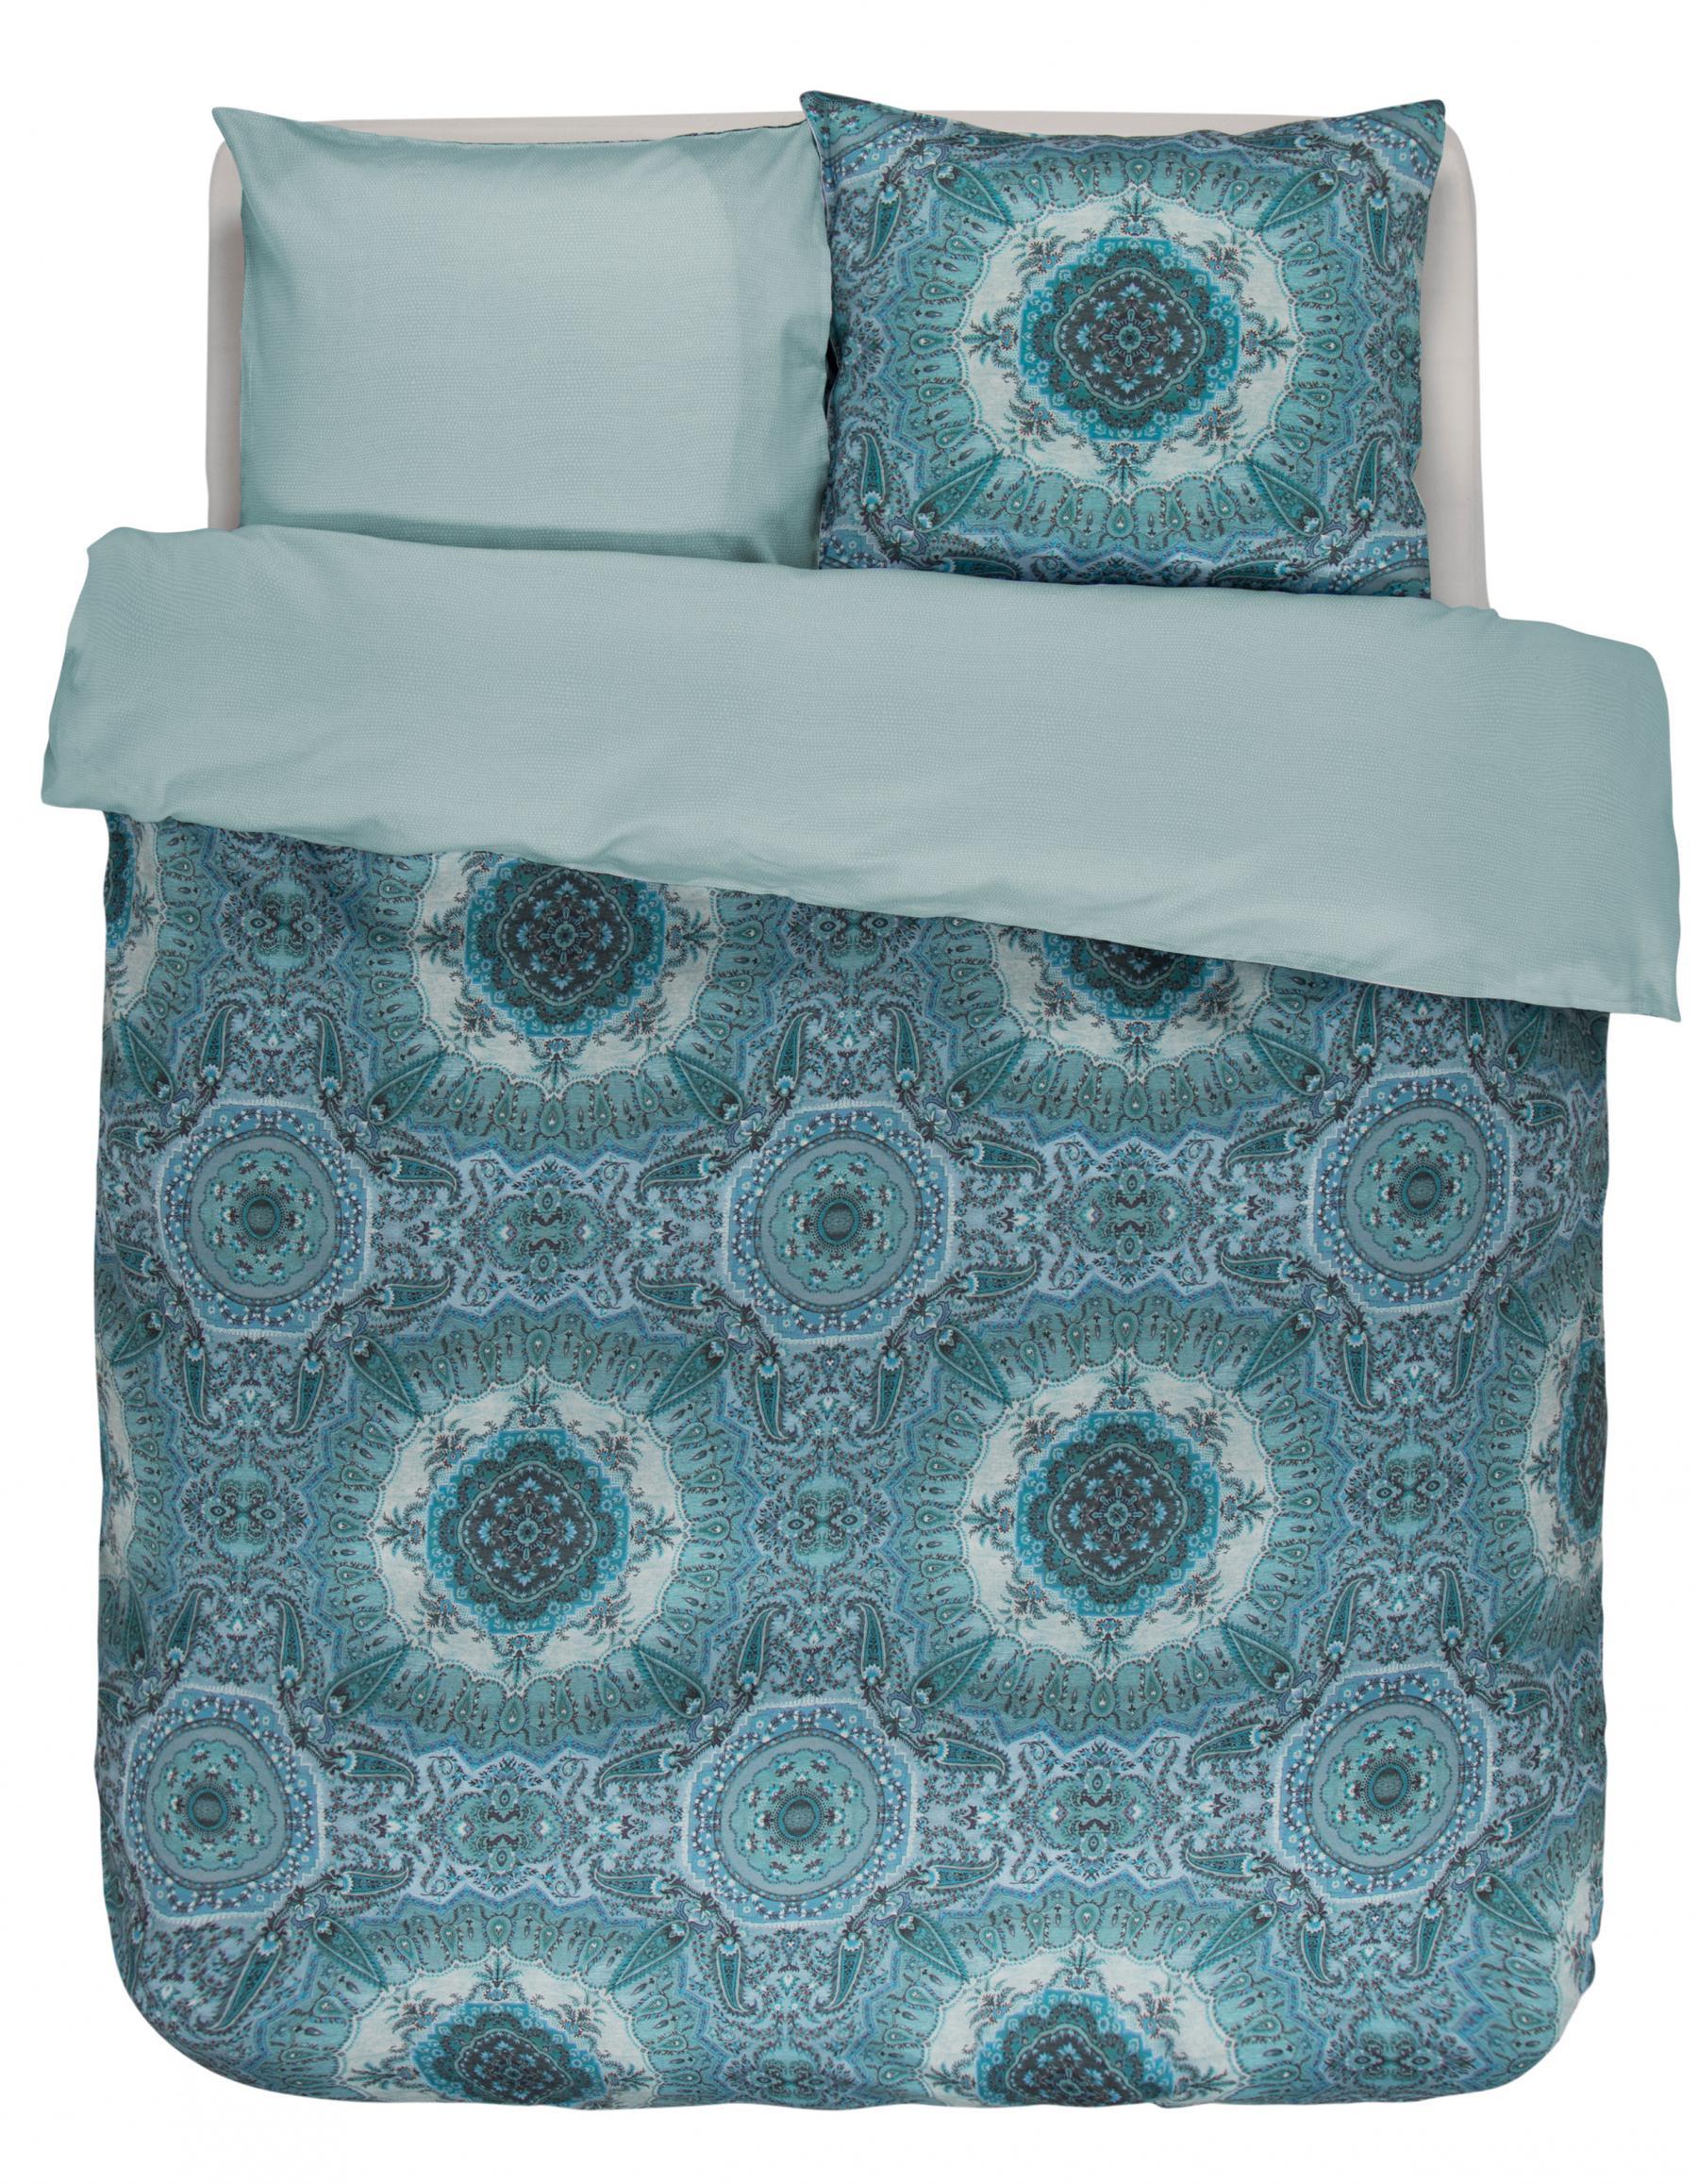 bettw sche 155x220 80x80 cm von essenza cadiz farbe blue kaufen bei betten krebs gelnhausen. Black Bedroom Furniture Sets. Home Design Ideas